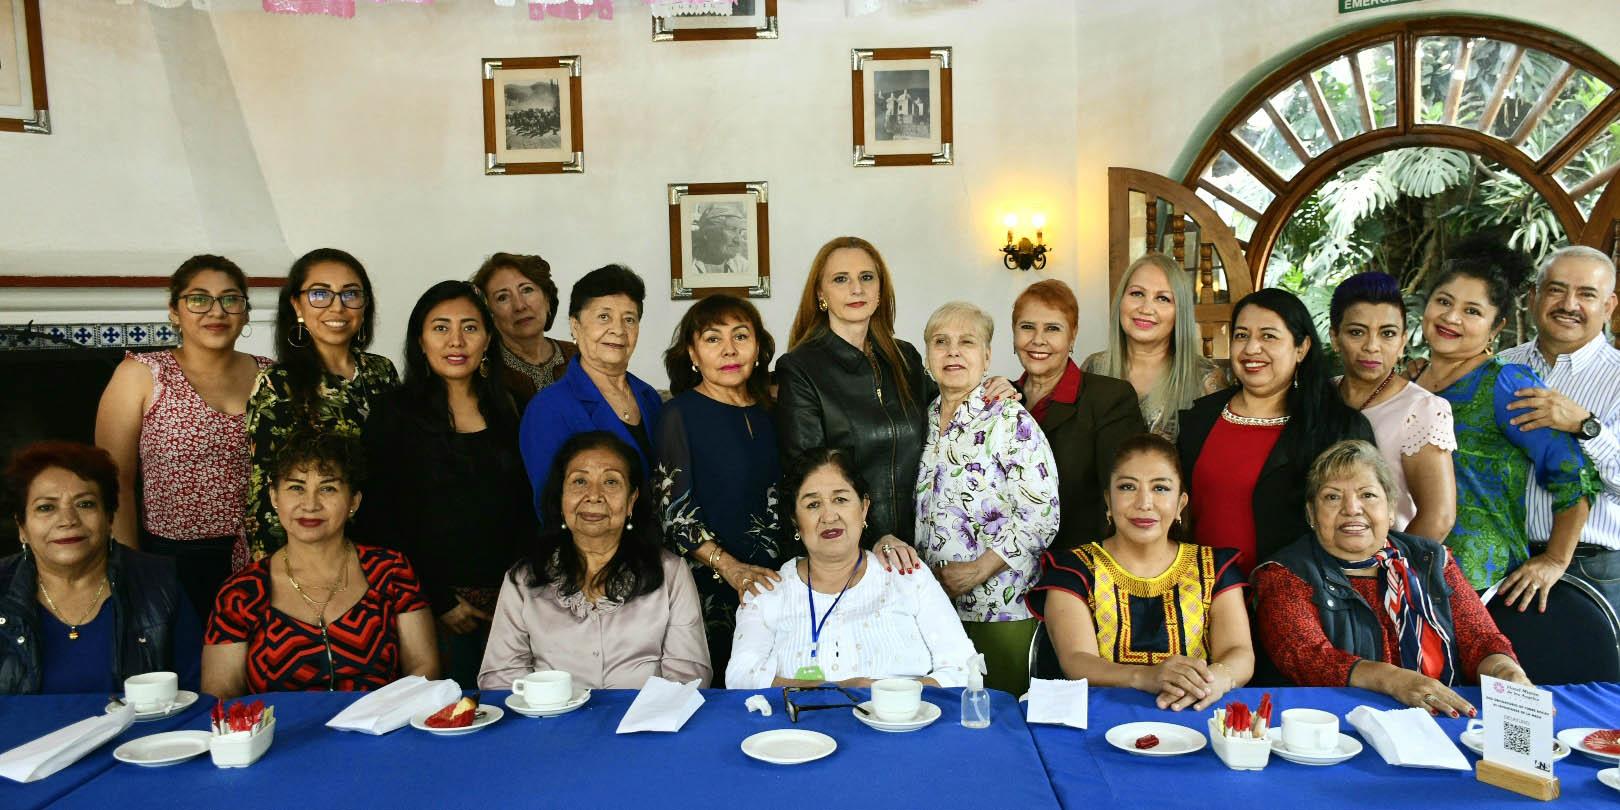 Felicitaciones en su día   El Imparcial de Oaxaca